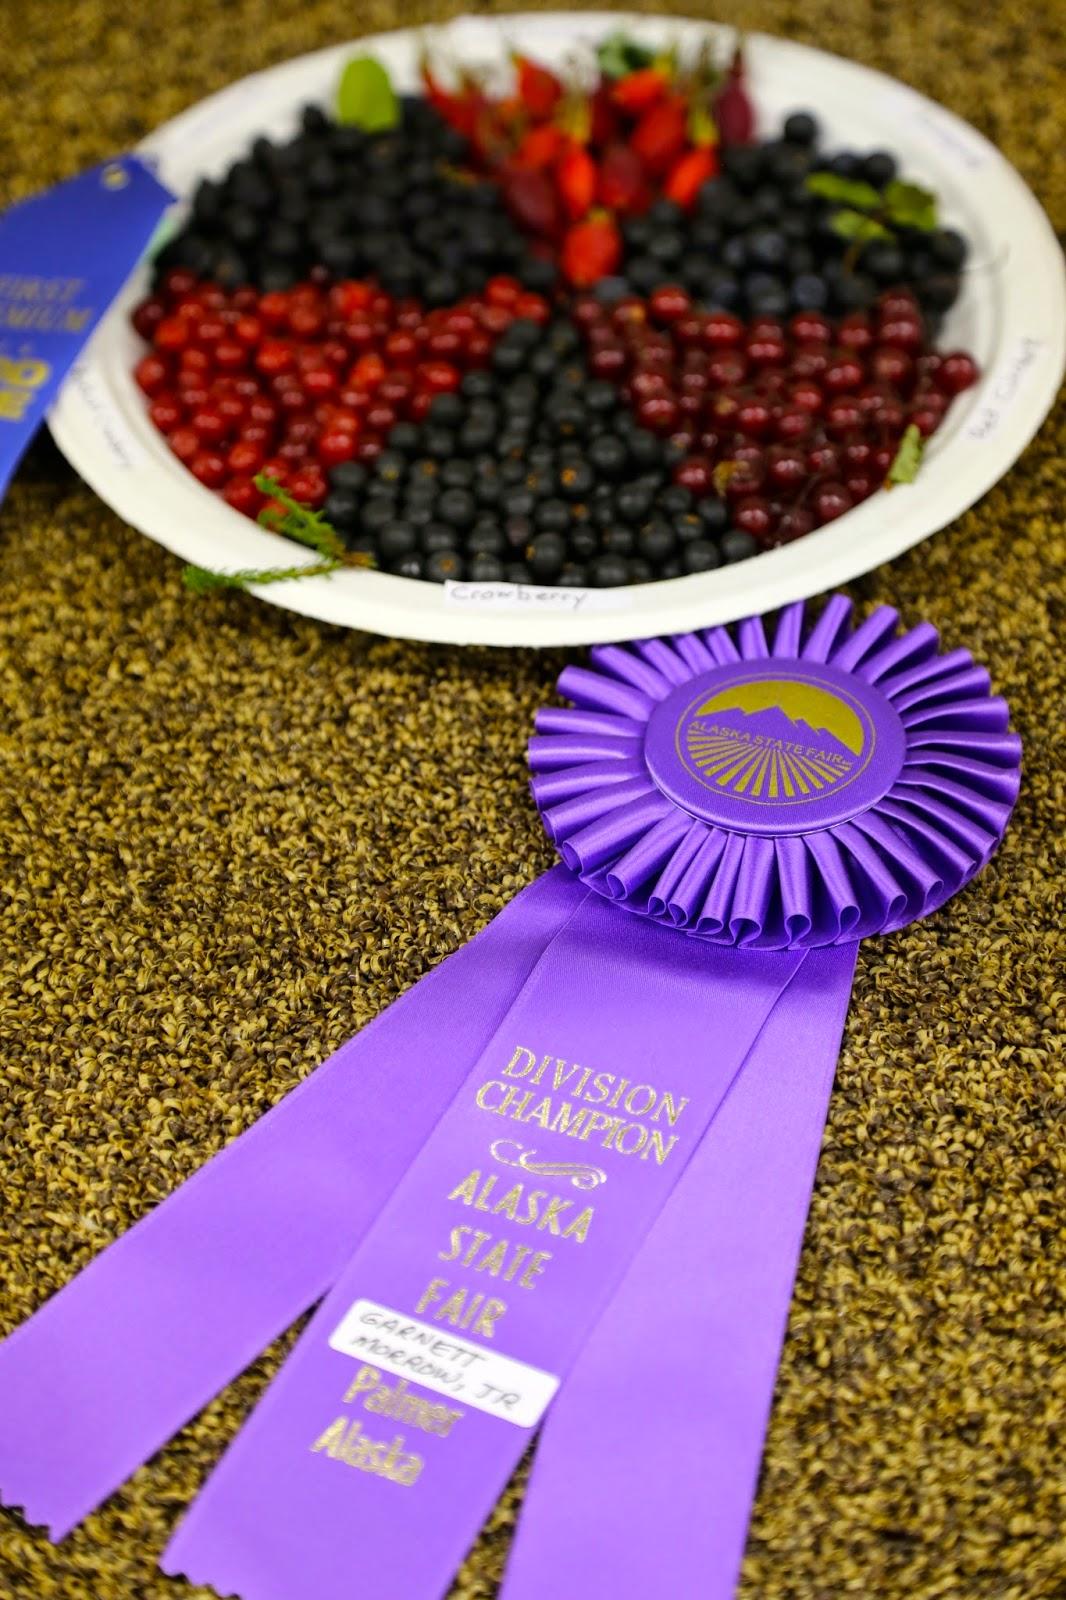 Alaskan berries, State Fair, Alaska